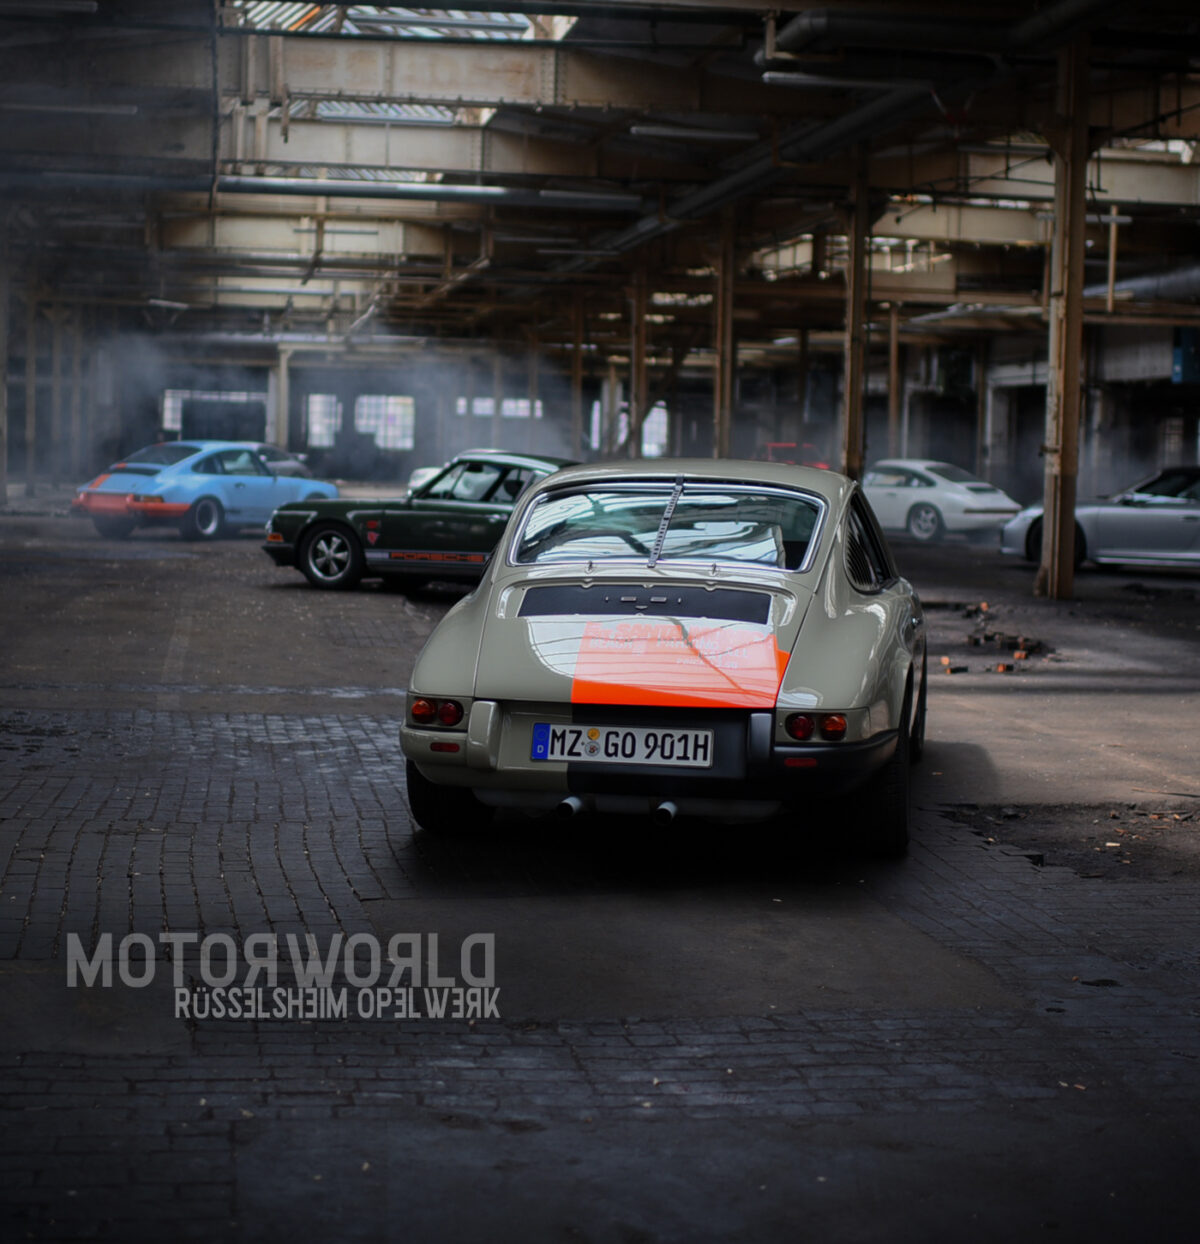 Motorworld Rüsselsheim Rhein Main